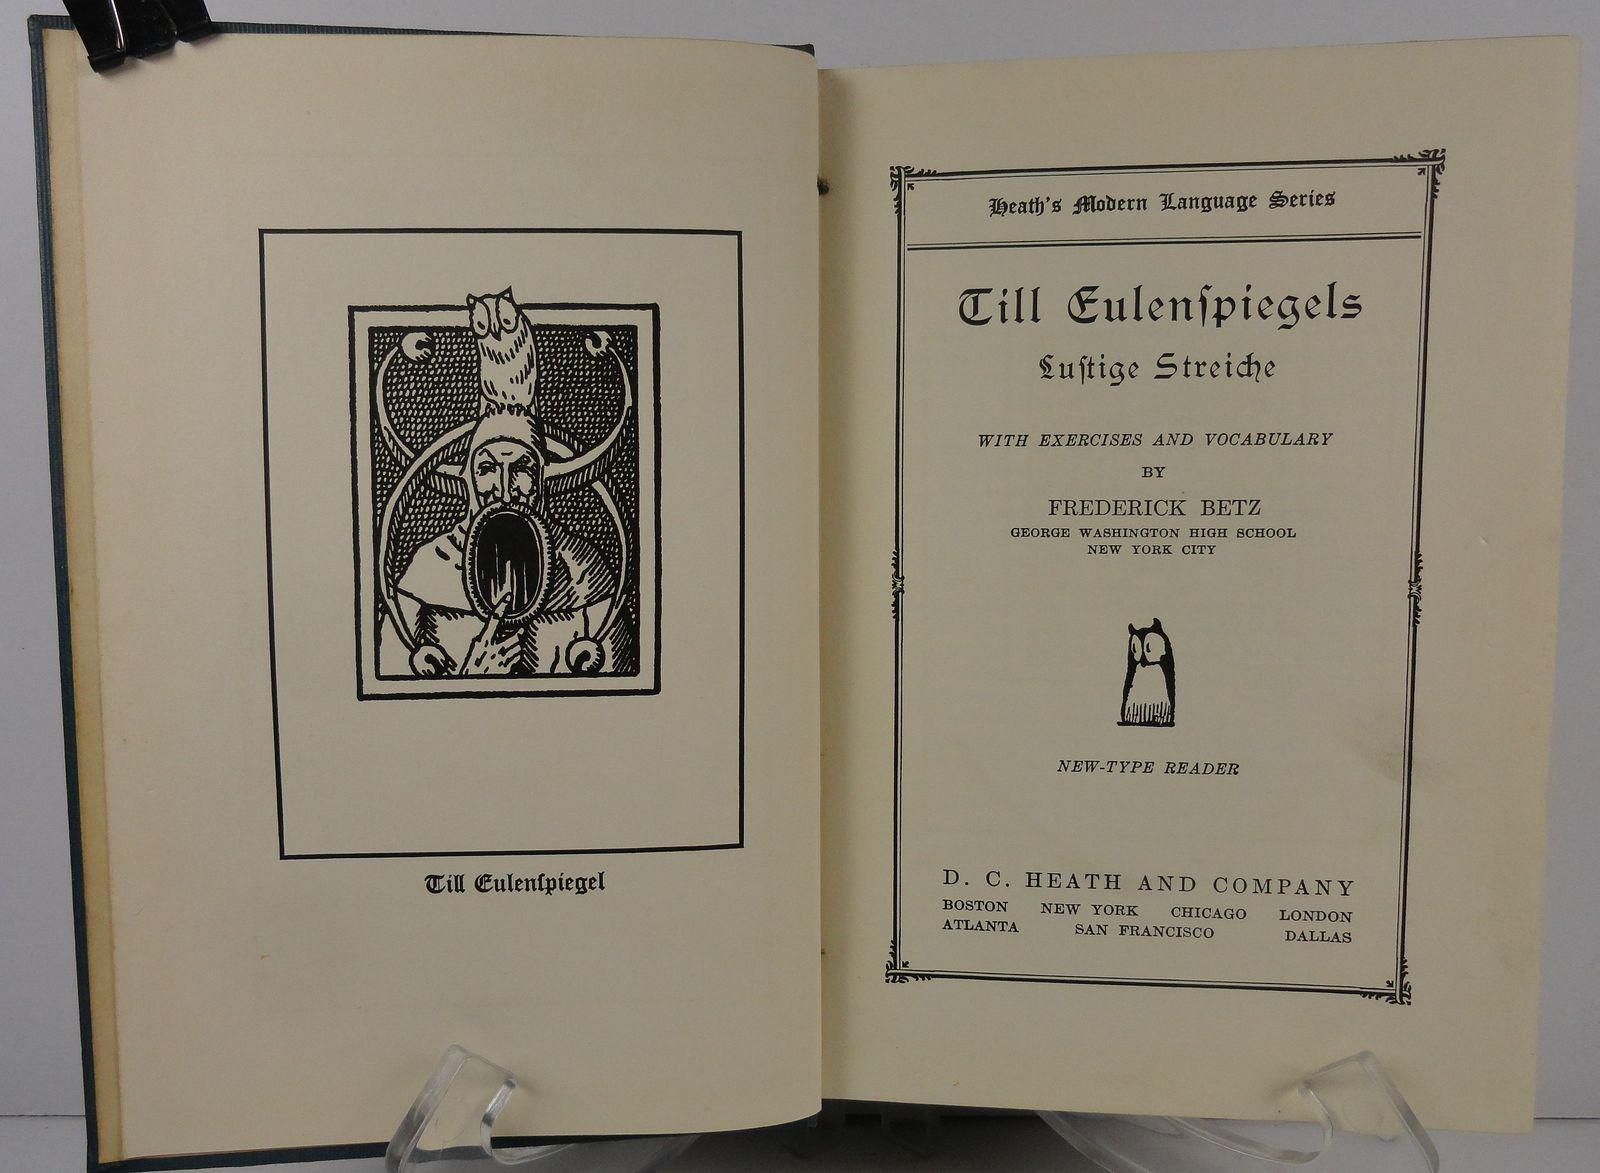 Till Eulenspiegel Lustige Streiche by Frederick Betz 1933